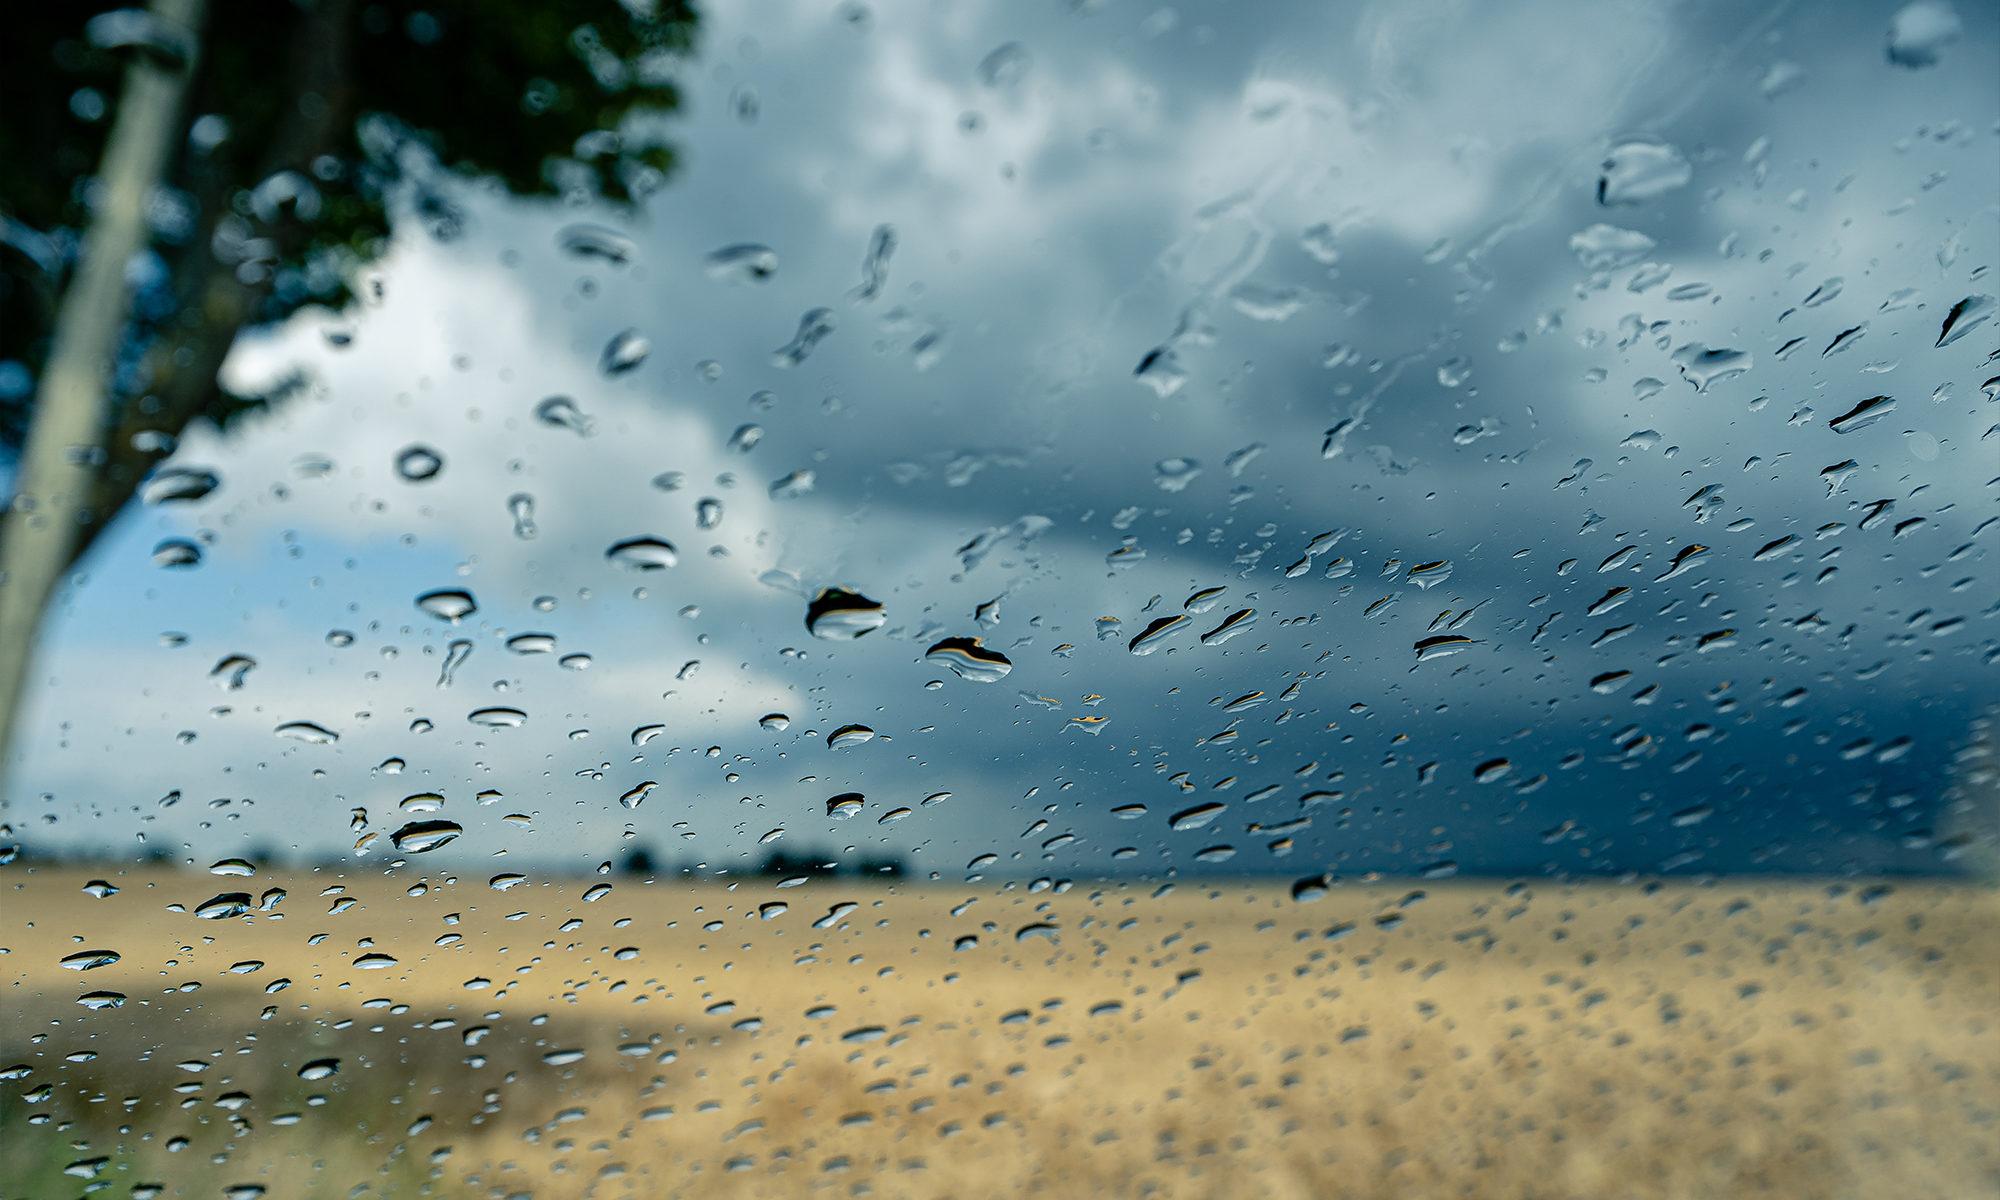 Regen auf der Windschutzscheibe am Feld in MV